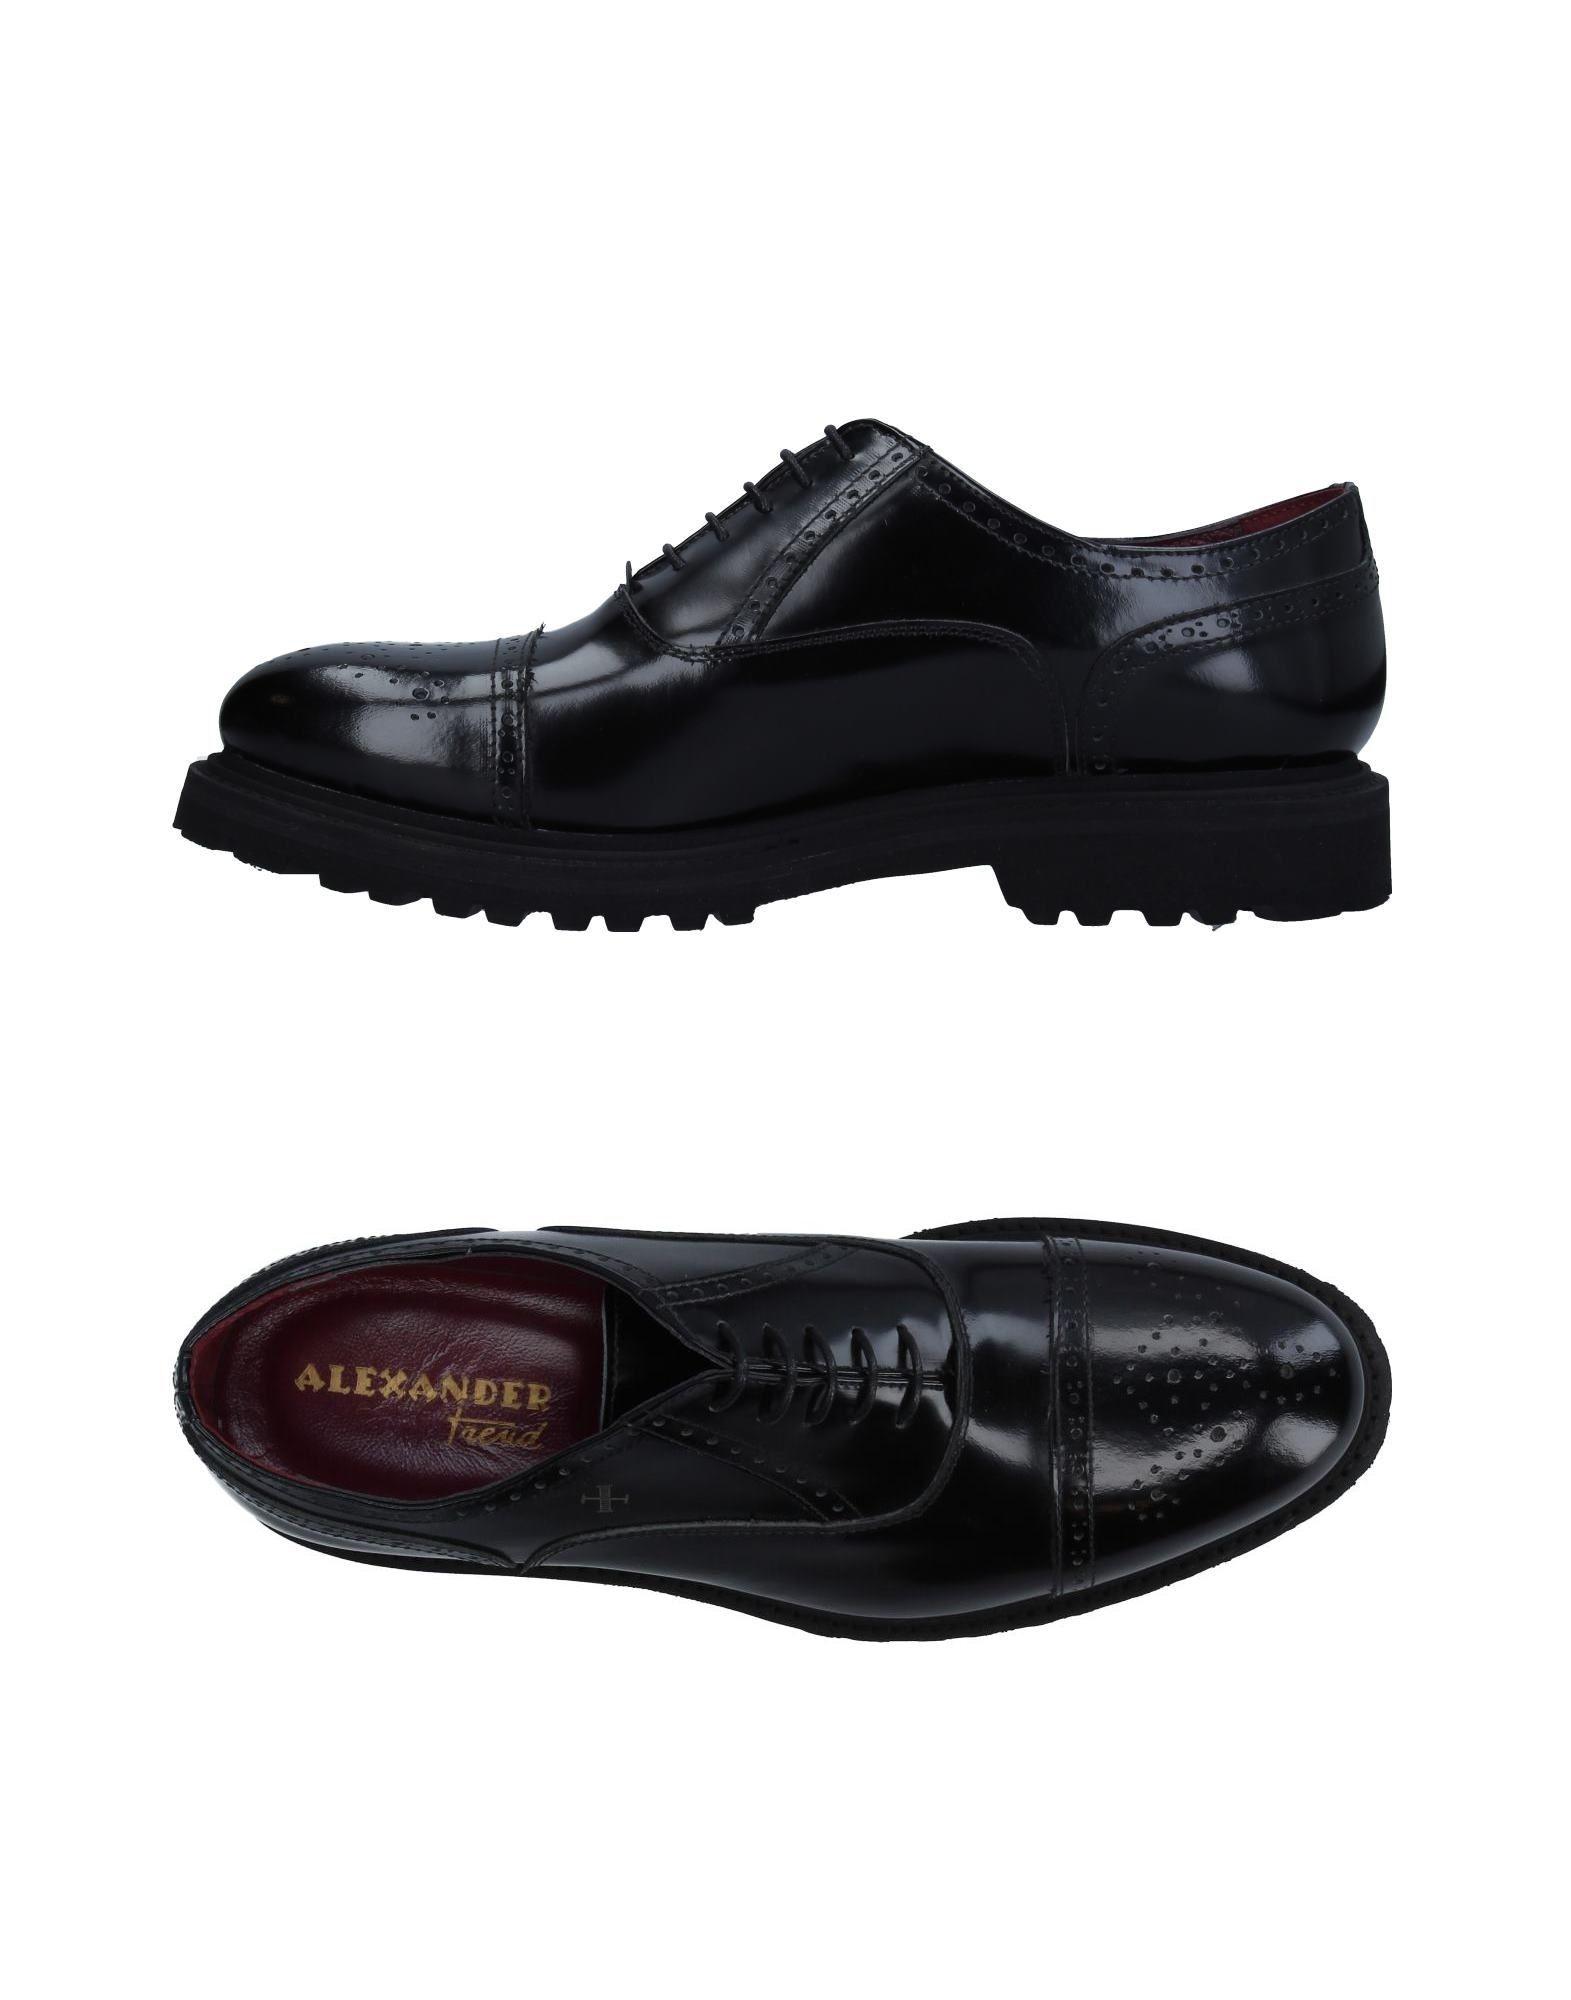 Alexander Trend Schnürschuhe Herren  11339693DD Neue Schuhe